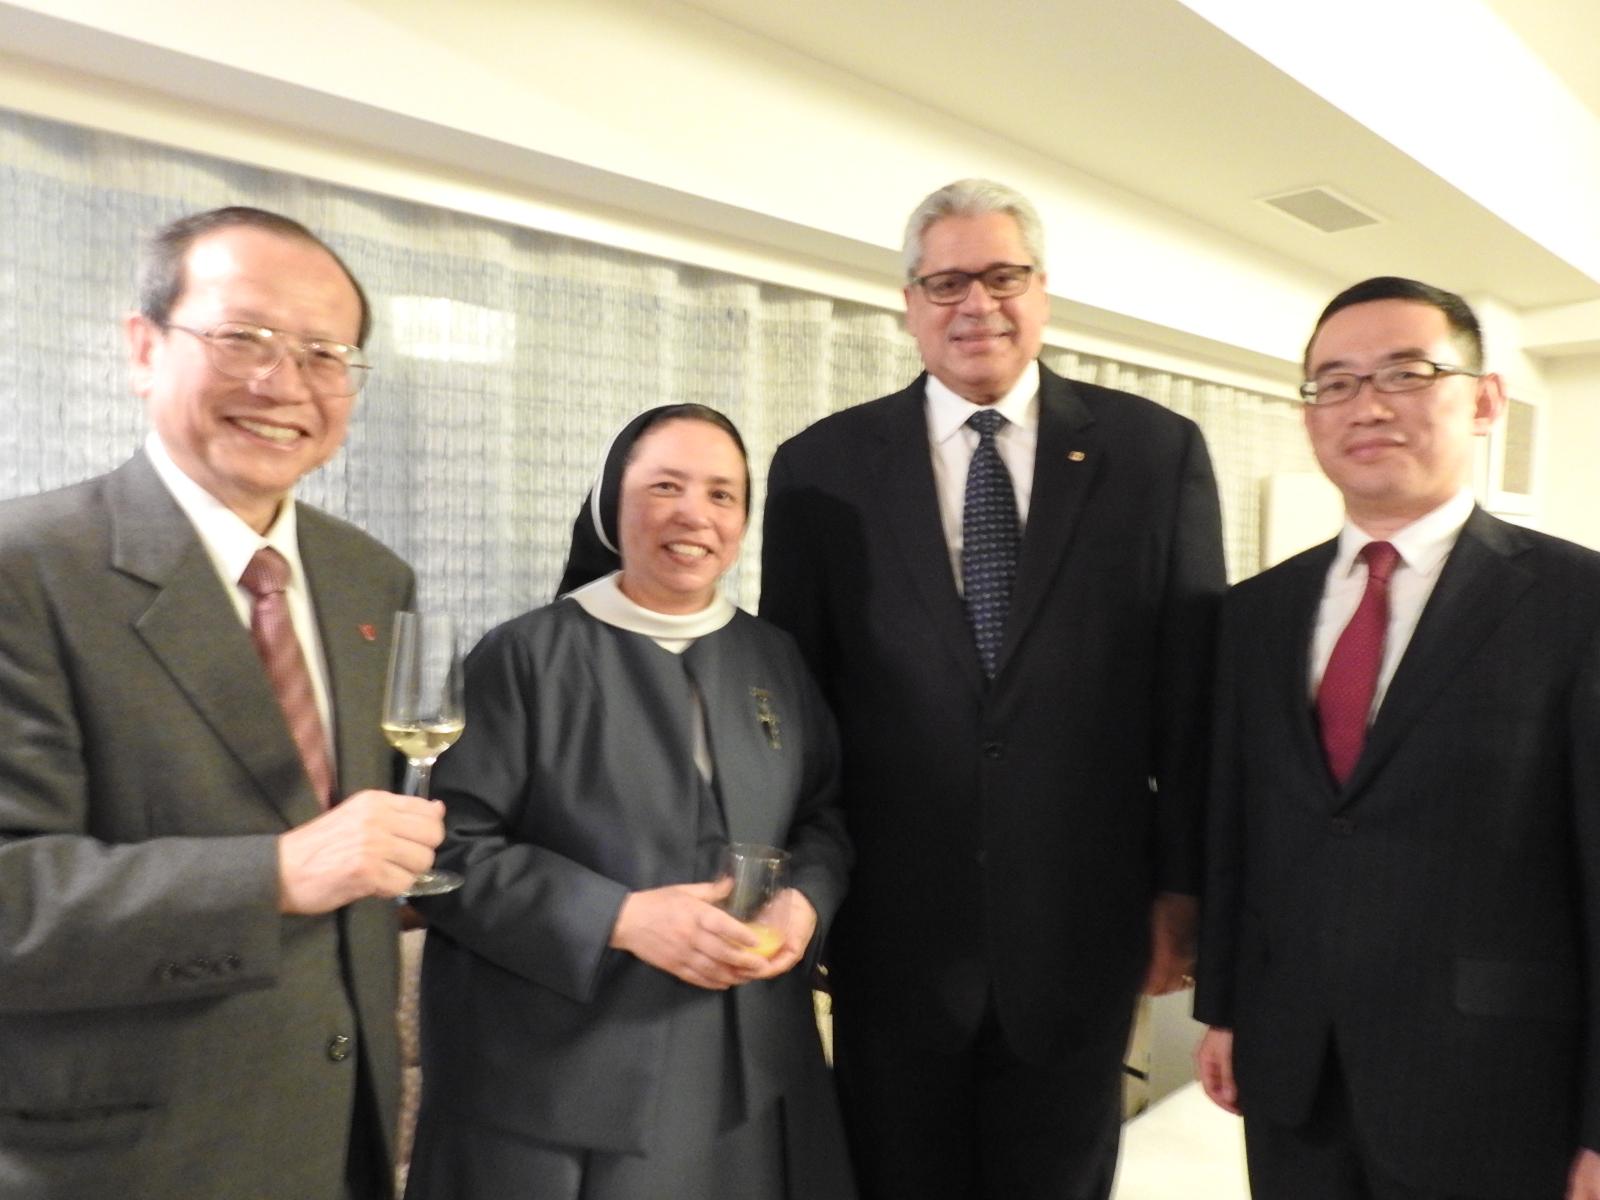 (左から)カクテルへの参加者の様子 上智大学理事長、聖イグナチオ教会シスター、ドミニカ共和国大使、外務省中米カリブ課長